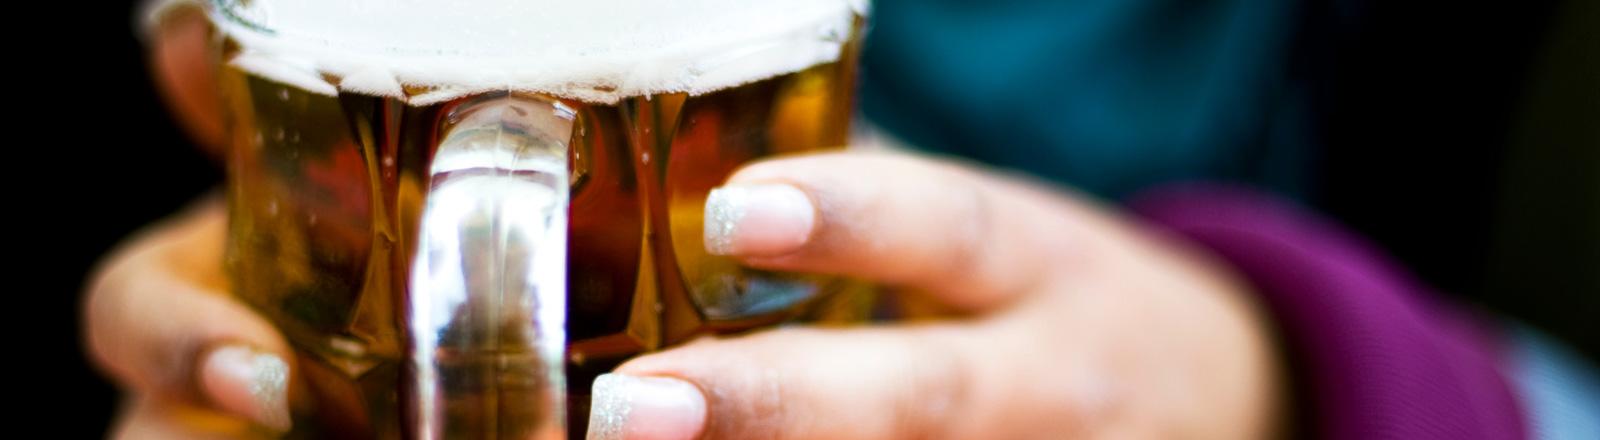 Zwei Hände halten eine Maß Bier.